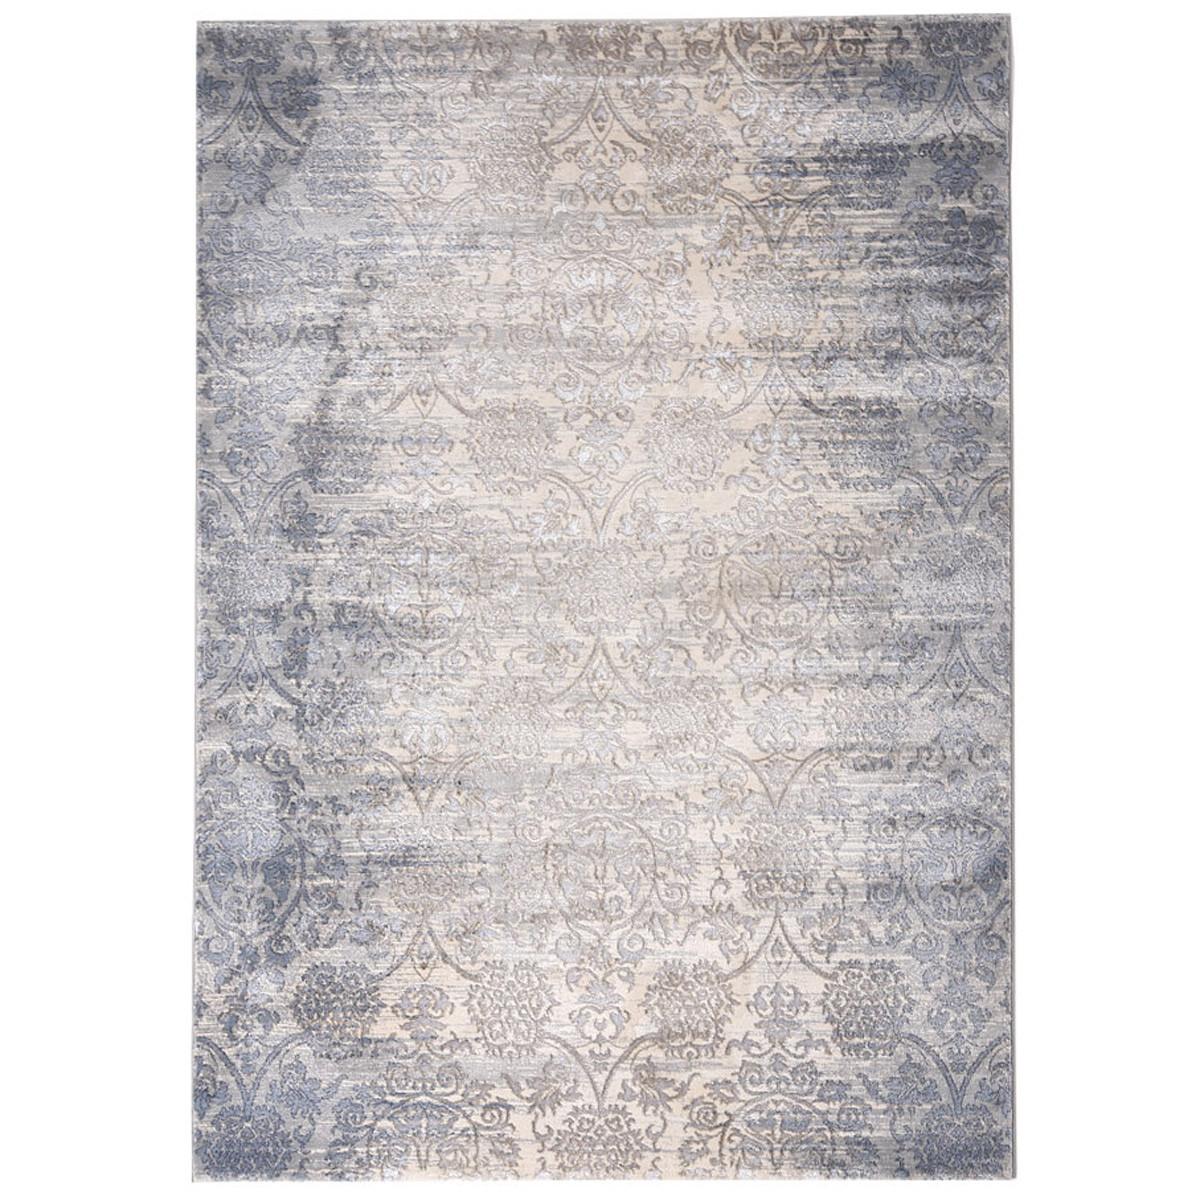 Χαλιά Κρεβατοκάμαρας (Σετ 3τμχ) Royal Carpets Jersey 175 A home   χαλιά   χαλιά κρεβατοκάμαρας